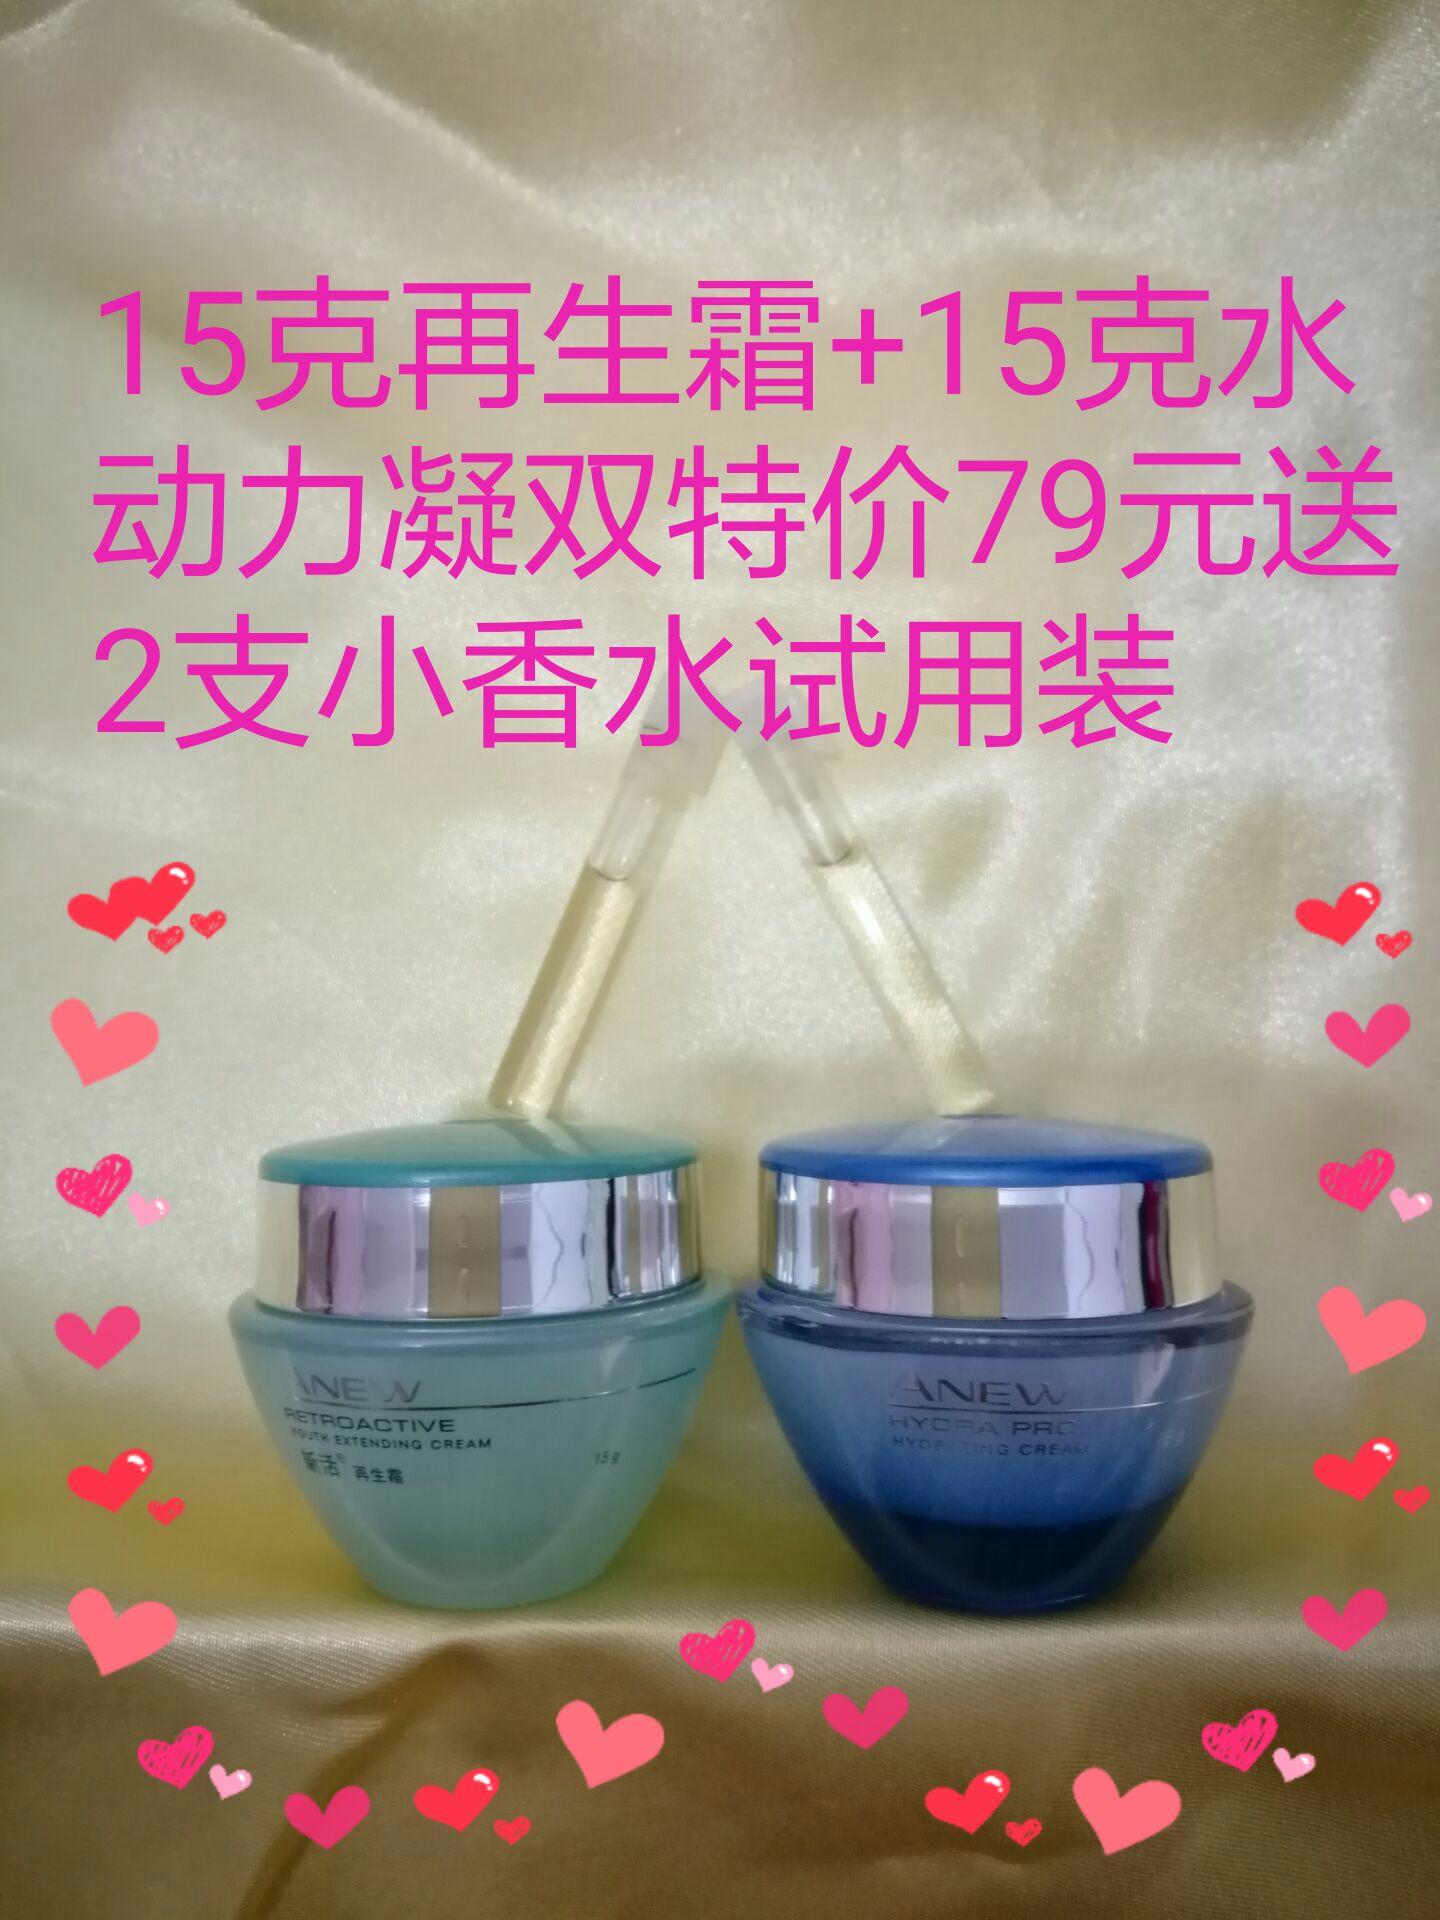 AVON雅芳15克再生霜+15克水动力凝霜 送2支小香水试用装